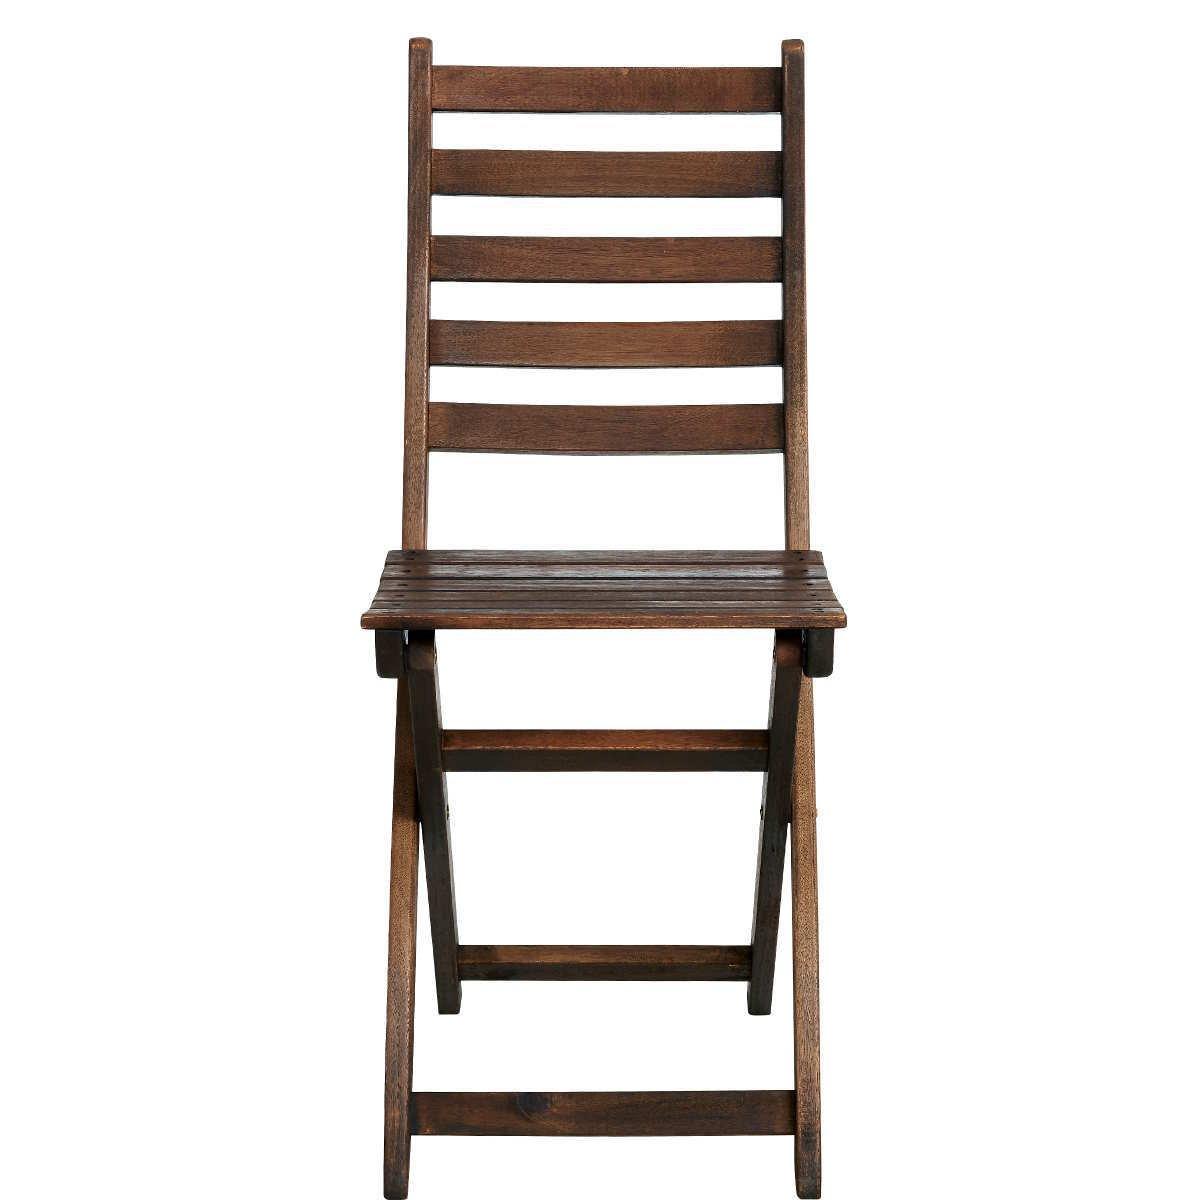 butlers lodge klappstuhl braun g nstig bestellen. Black Bedroom Furniture Sets. Home Design Ideas